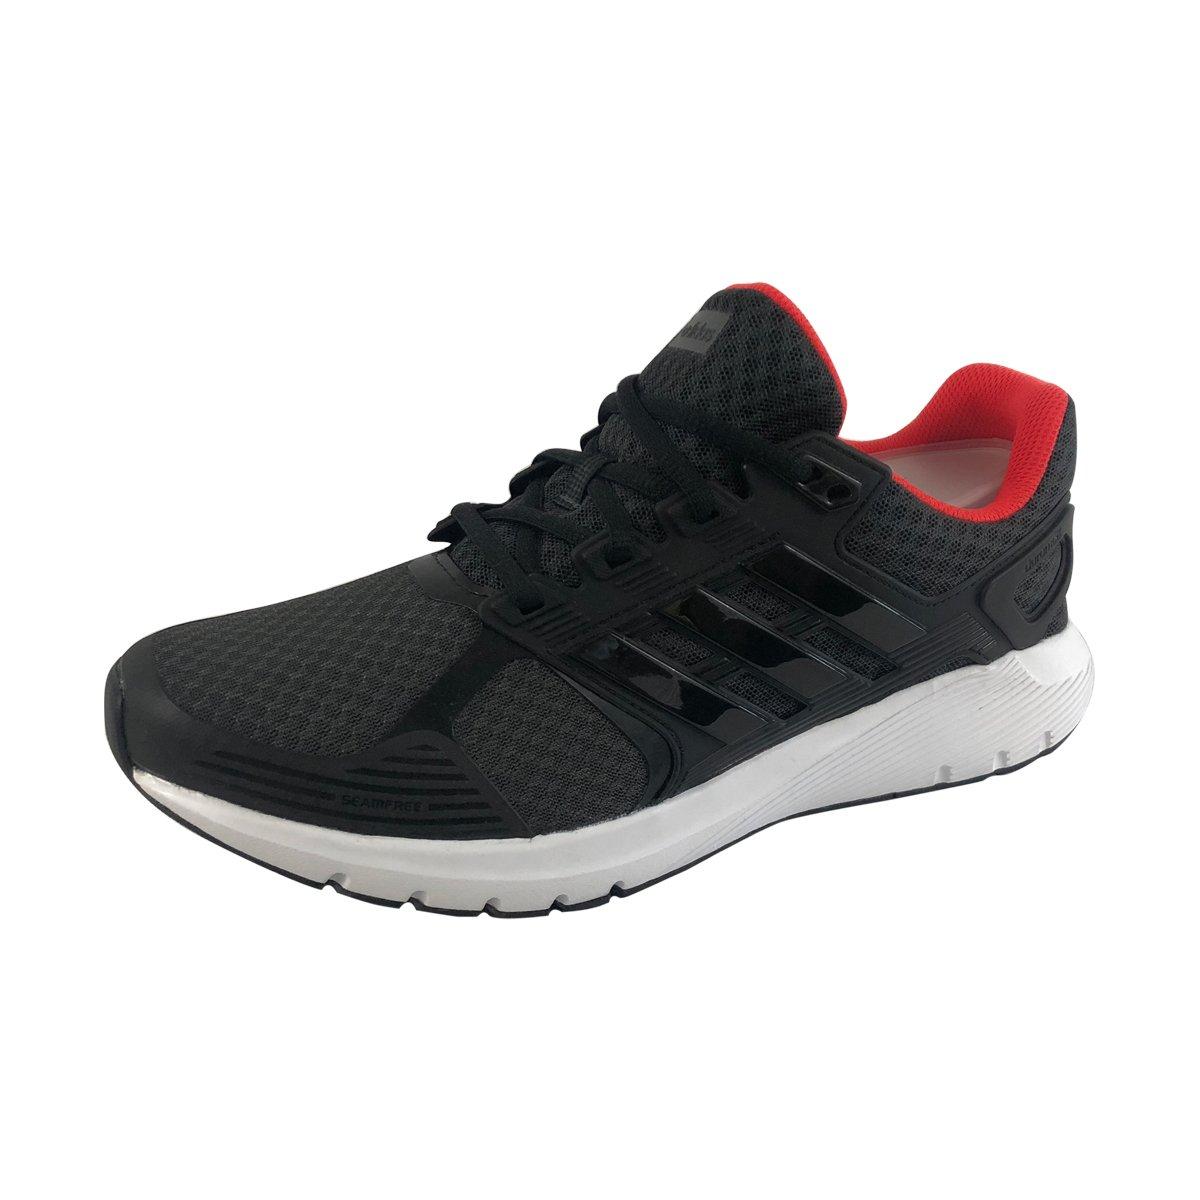 Galleon - Adidas Men s Duramo 8 M Running Shoe (Carbon Black 117ad8e57